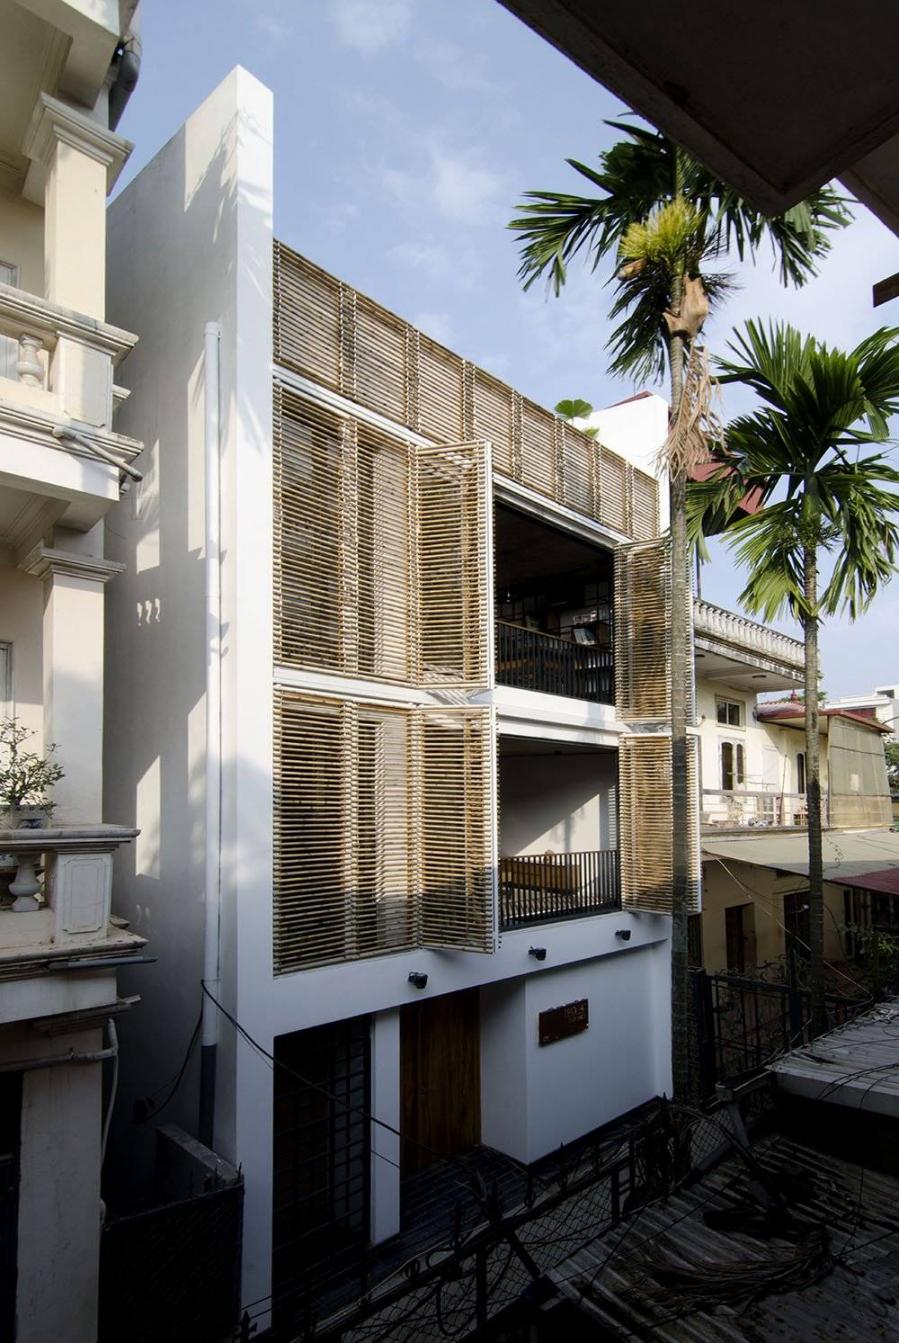 Một căn nhà sử dụng 2 lớp tường. Lớp trong là cửa kính cách âm và nhiệt, lớp ngoài là tre đã qua xử lý mối mọt, nấm mốc, giảm tác động của ánh nắng chiếu vào ngôi nhà.